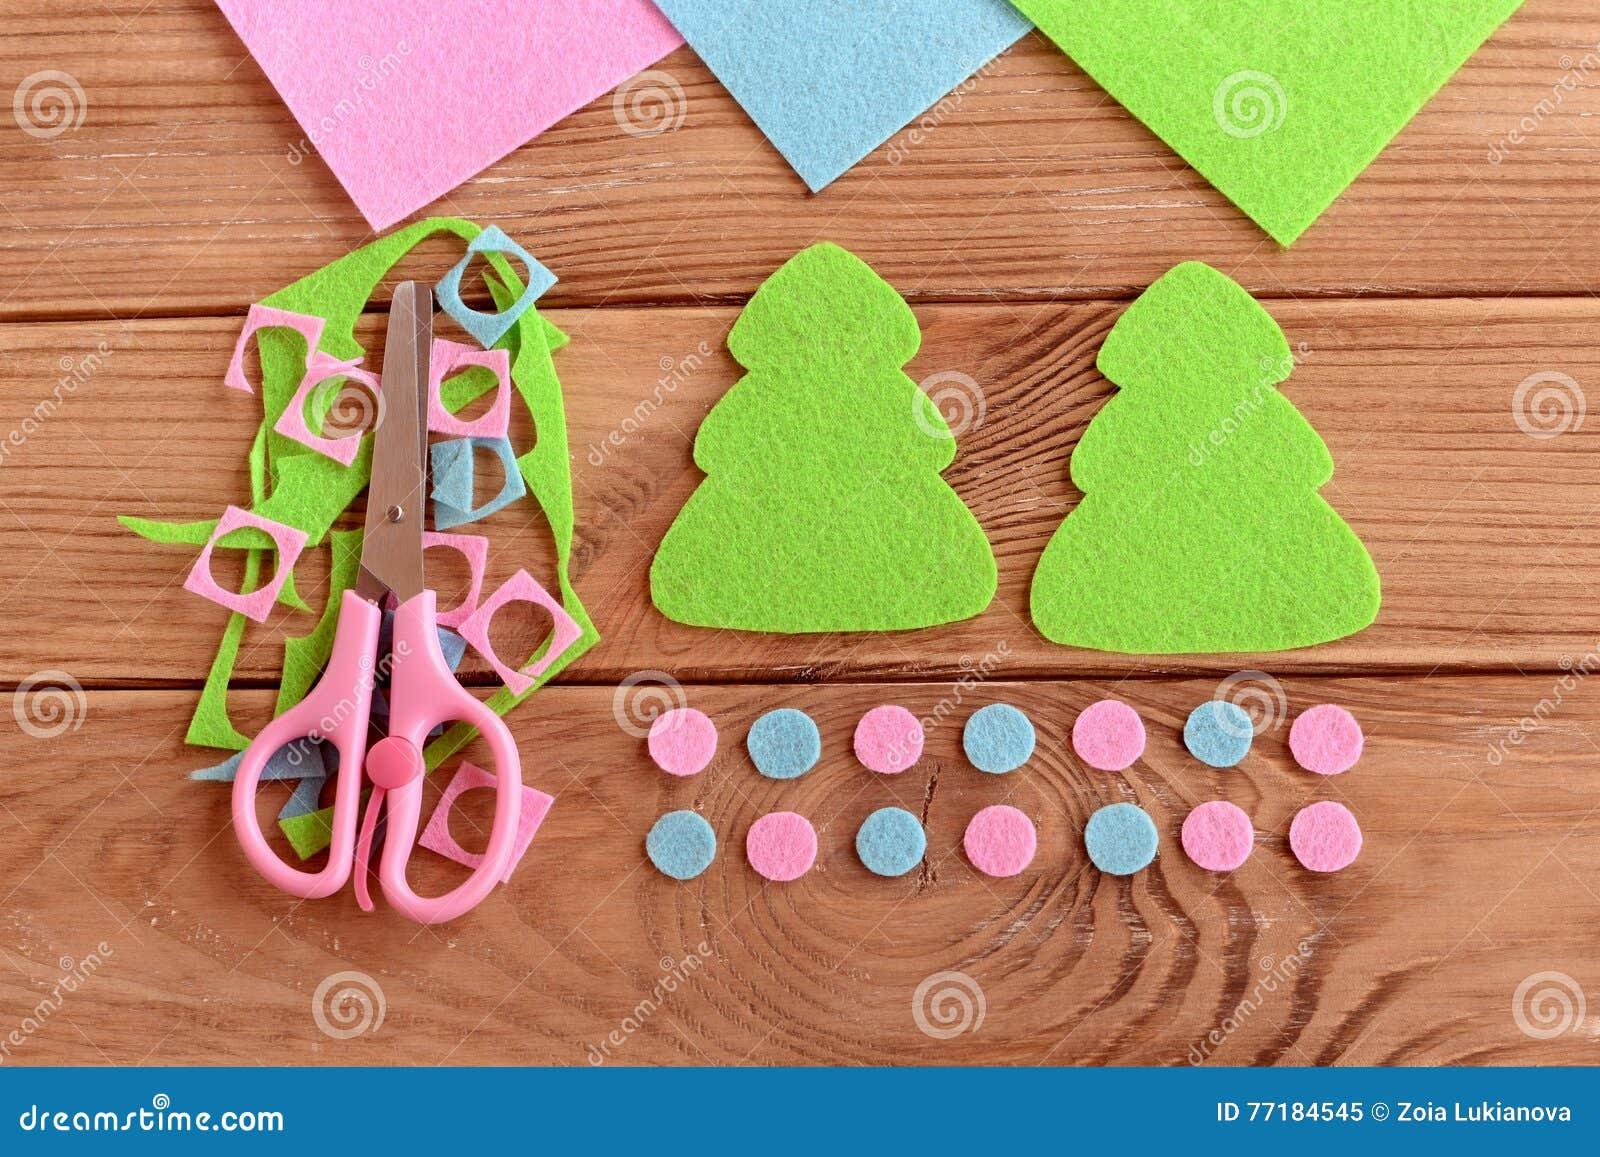 How to sew christmas decoration step felt christmas tree how to sew christmas decoration step felt christmas tree patterns felt scraps scissors on wooden background jeuxipadfo Choice Image